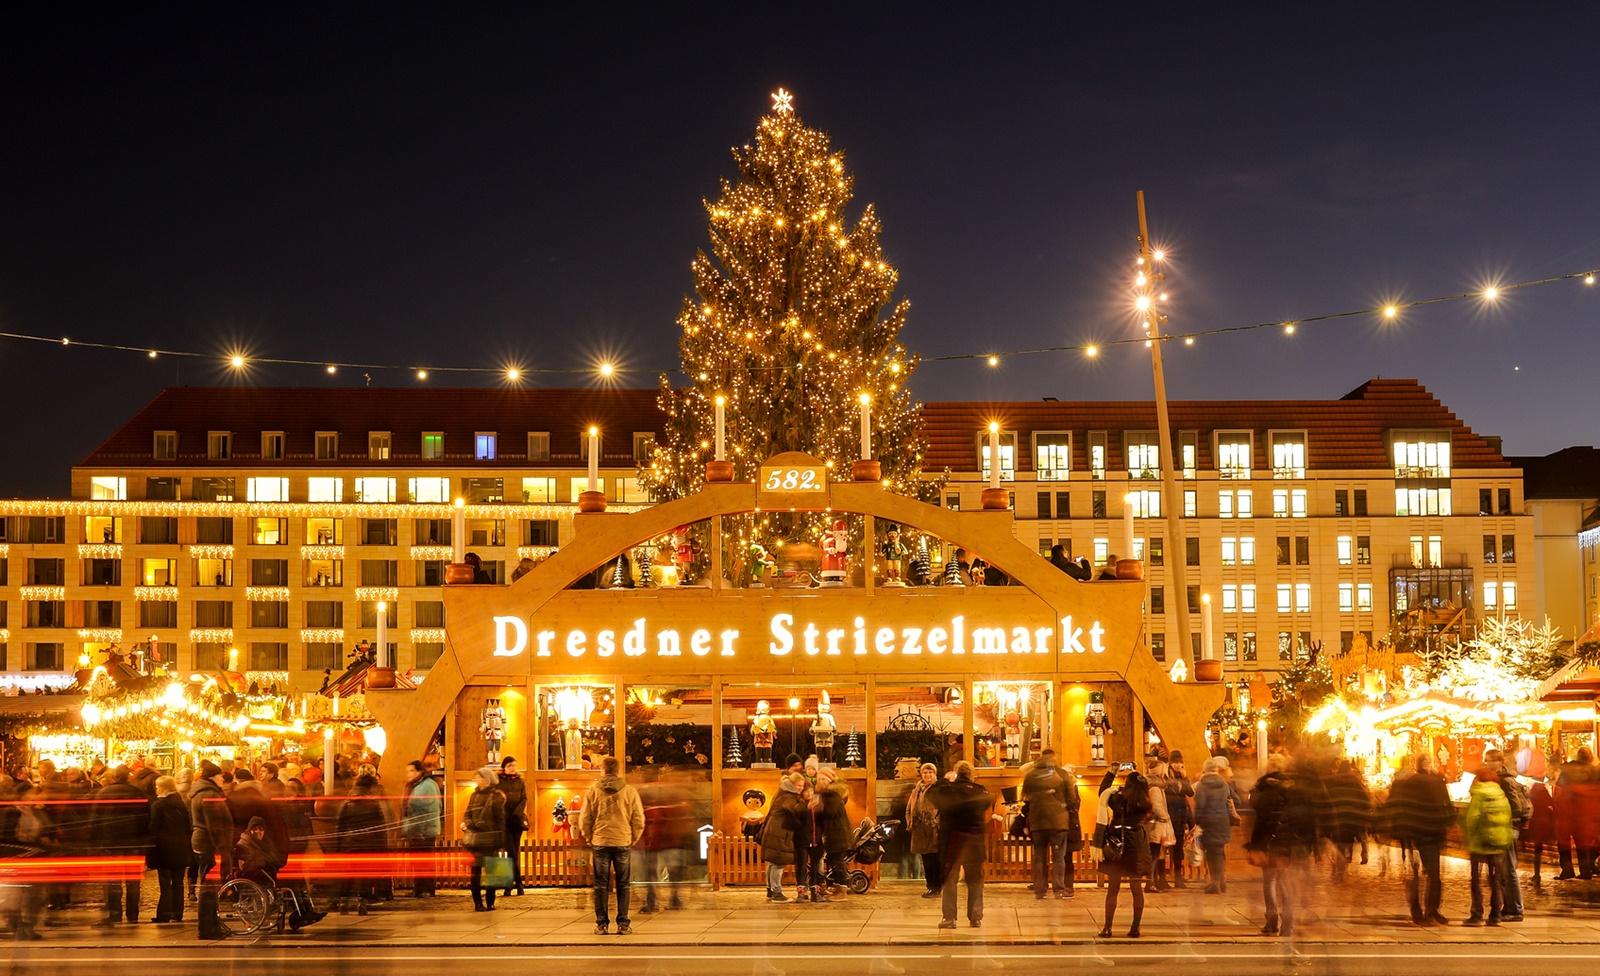 Weihnachtsmarkt Dresden 2017: Striezelmarkt & Co. + Öffnungszeiten